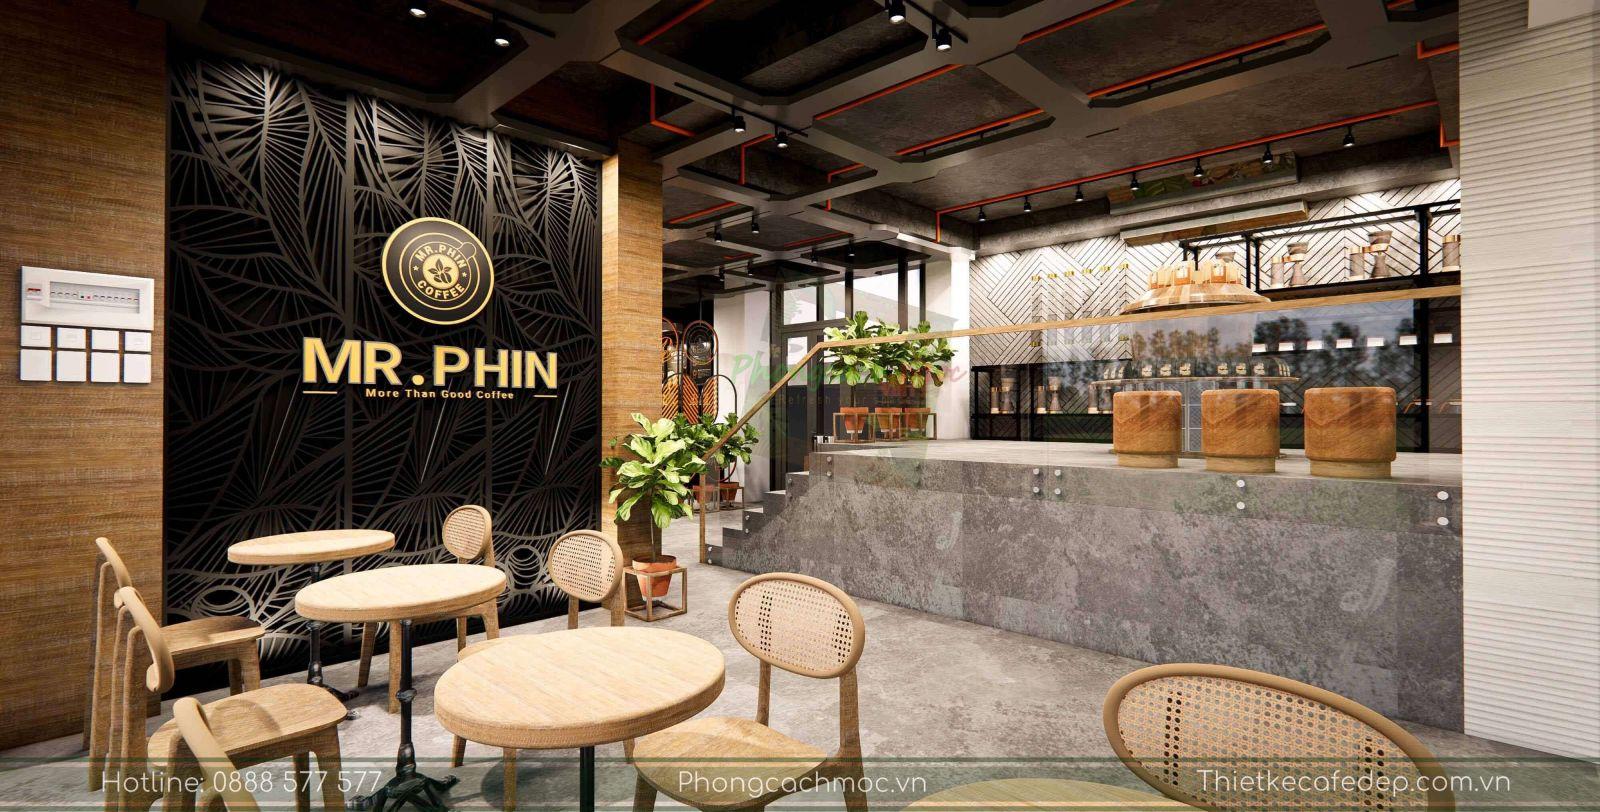 thiet-ke-quan-cafe-mr-phin-chu-van-an-10